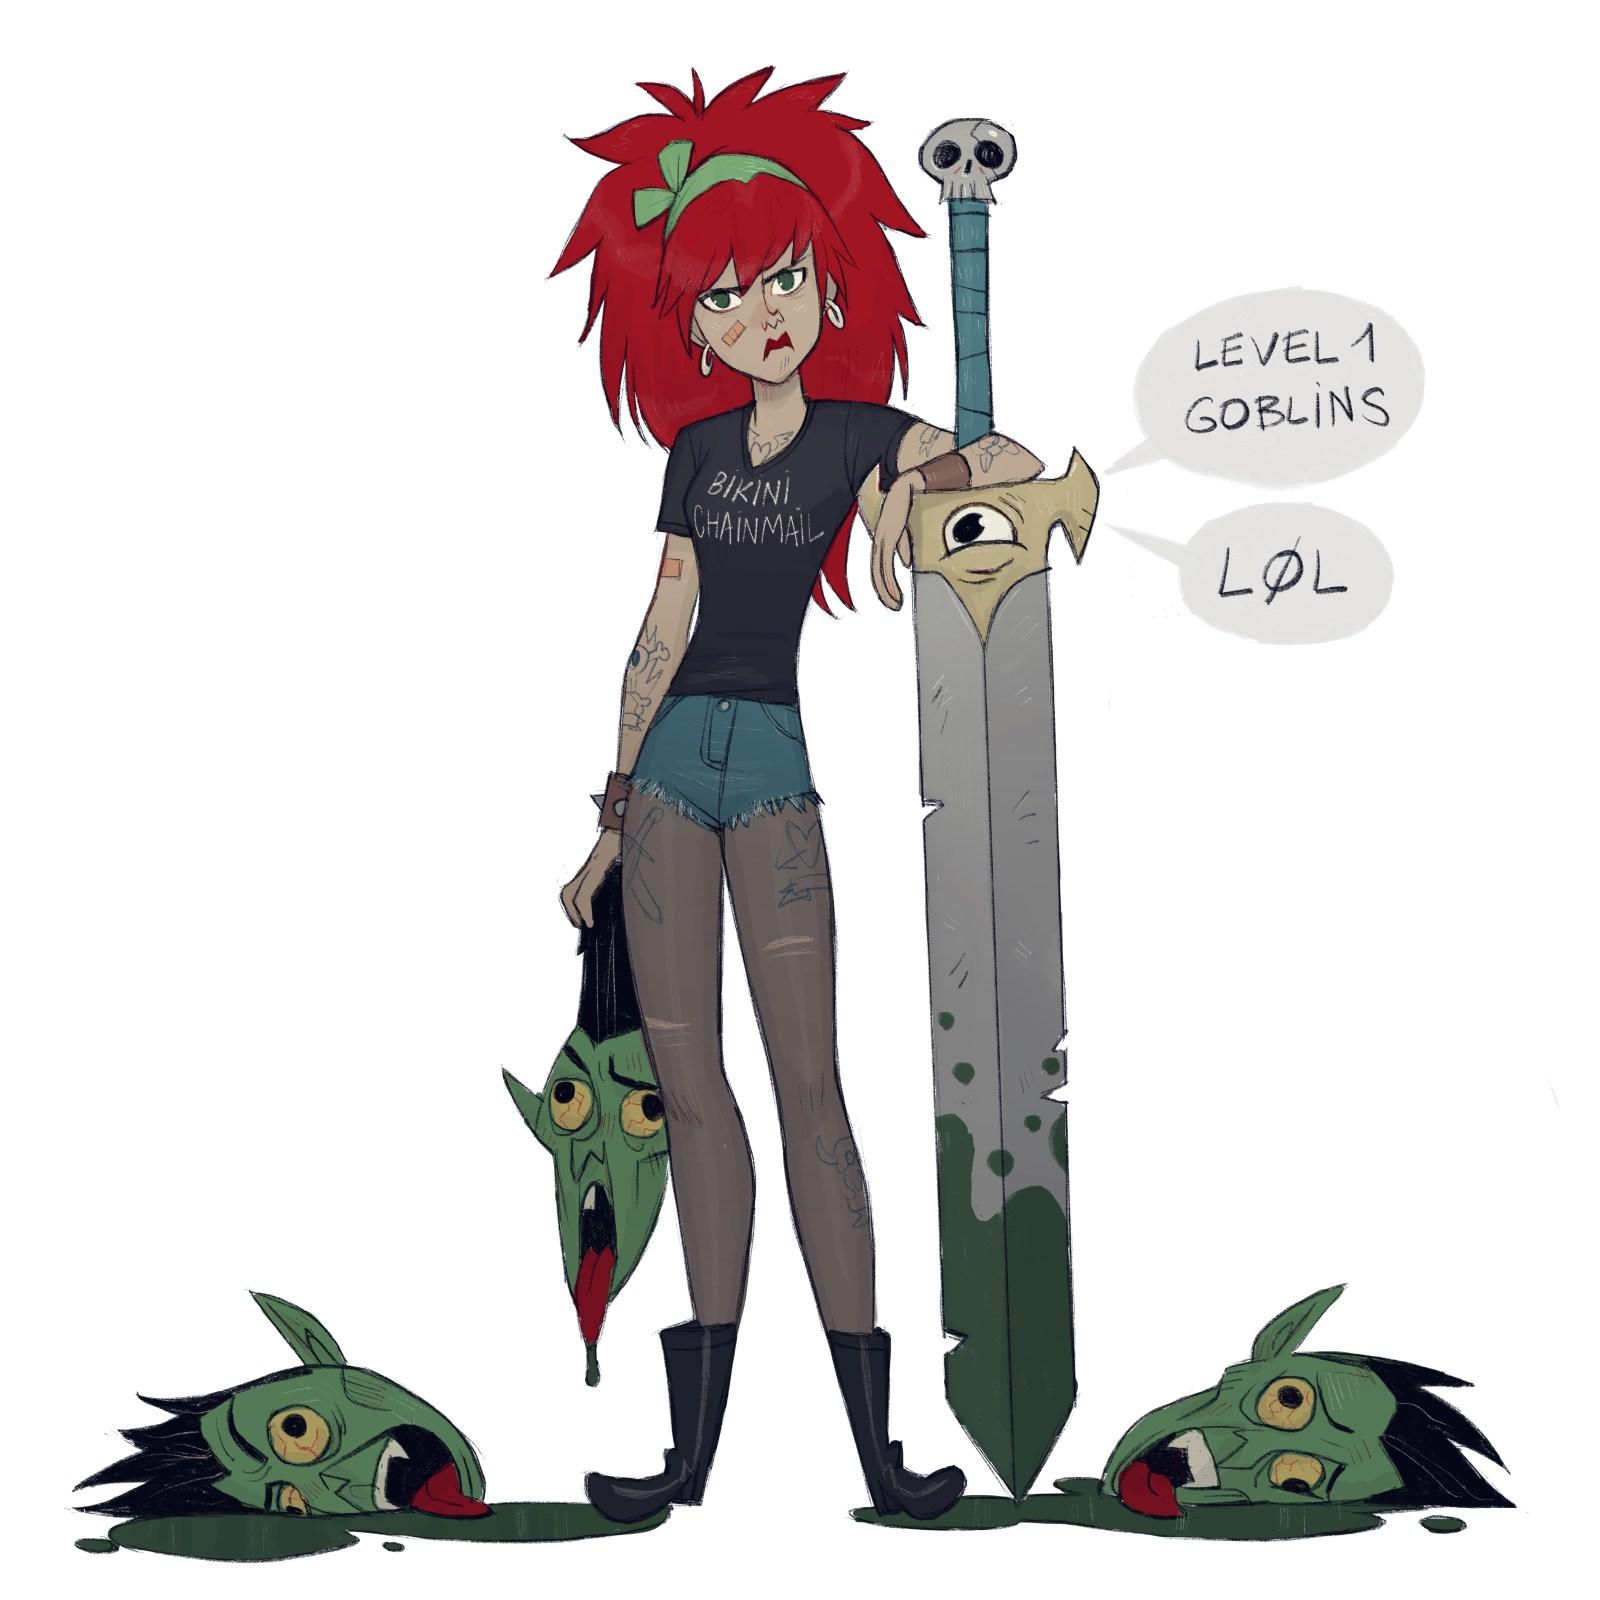 Image de l'artbook Gürlz de Serge Birault. Une femme rousse et son épée vs les goblins niveau 1.